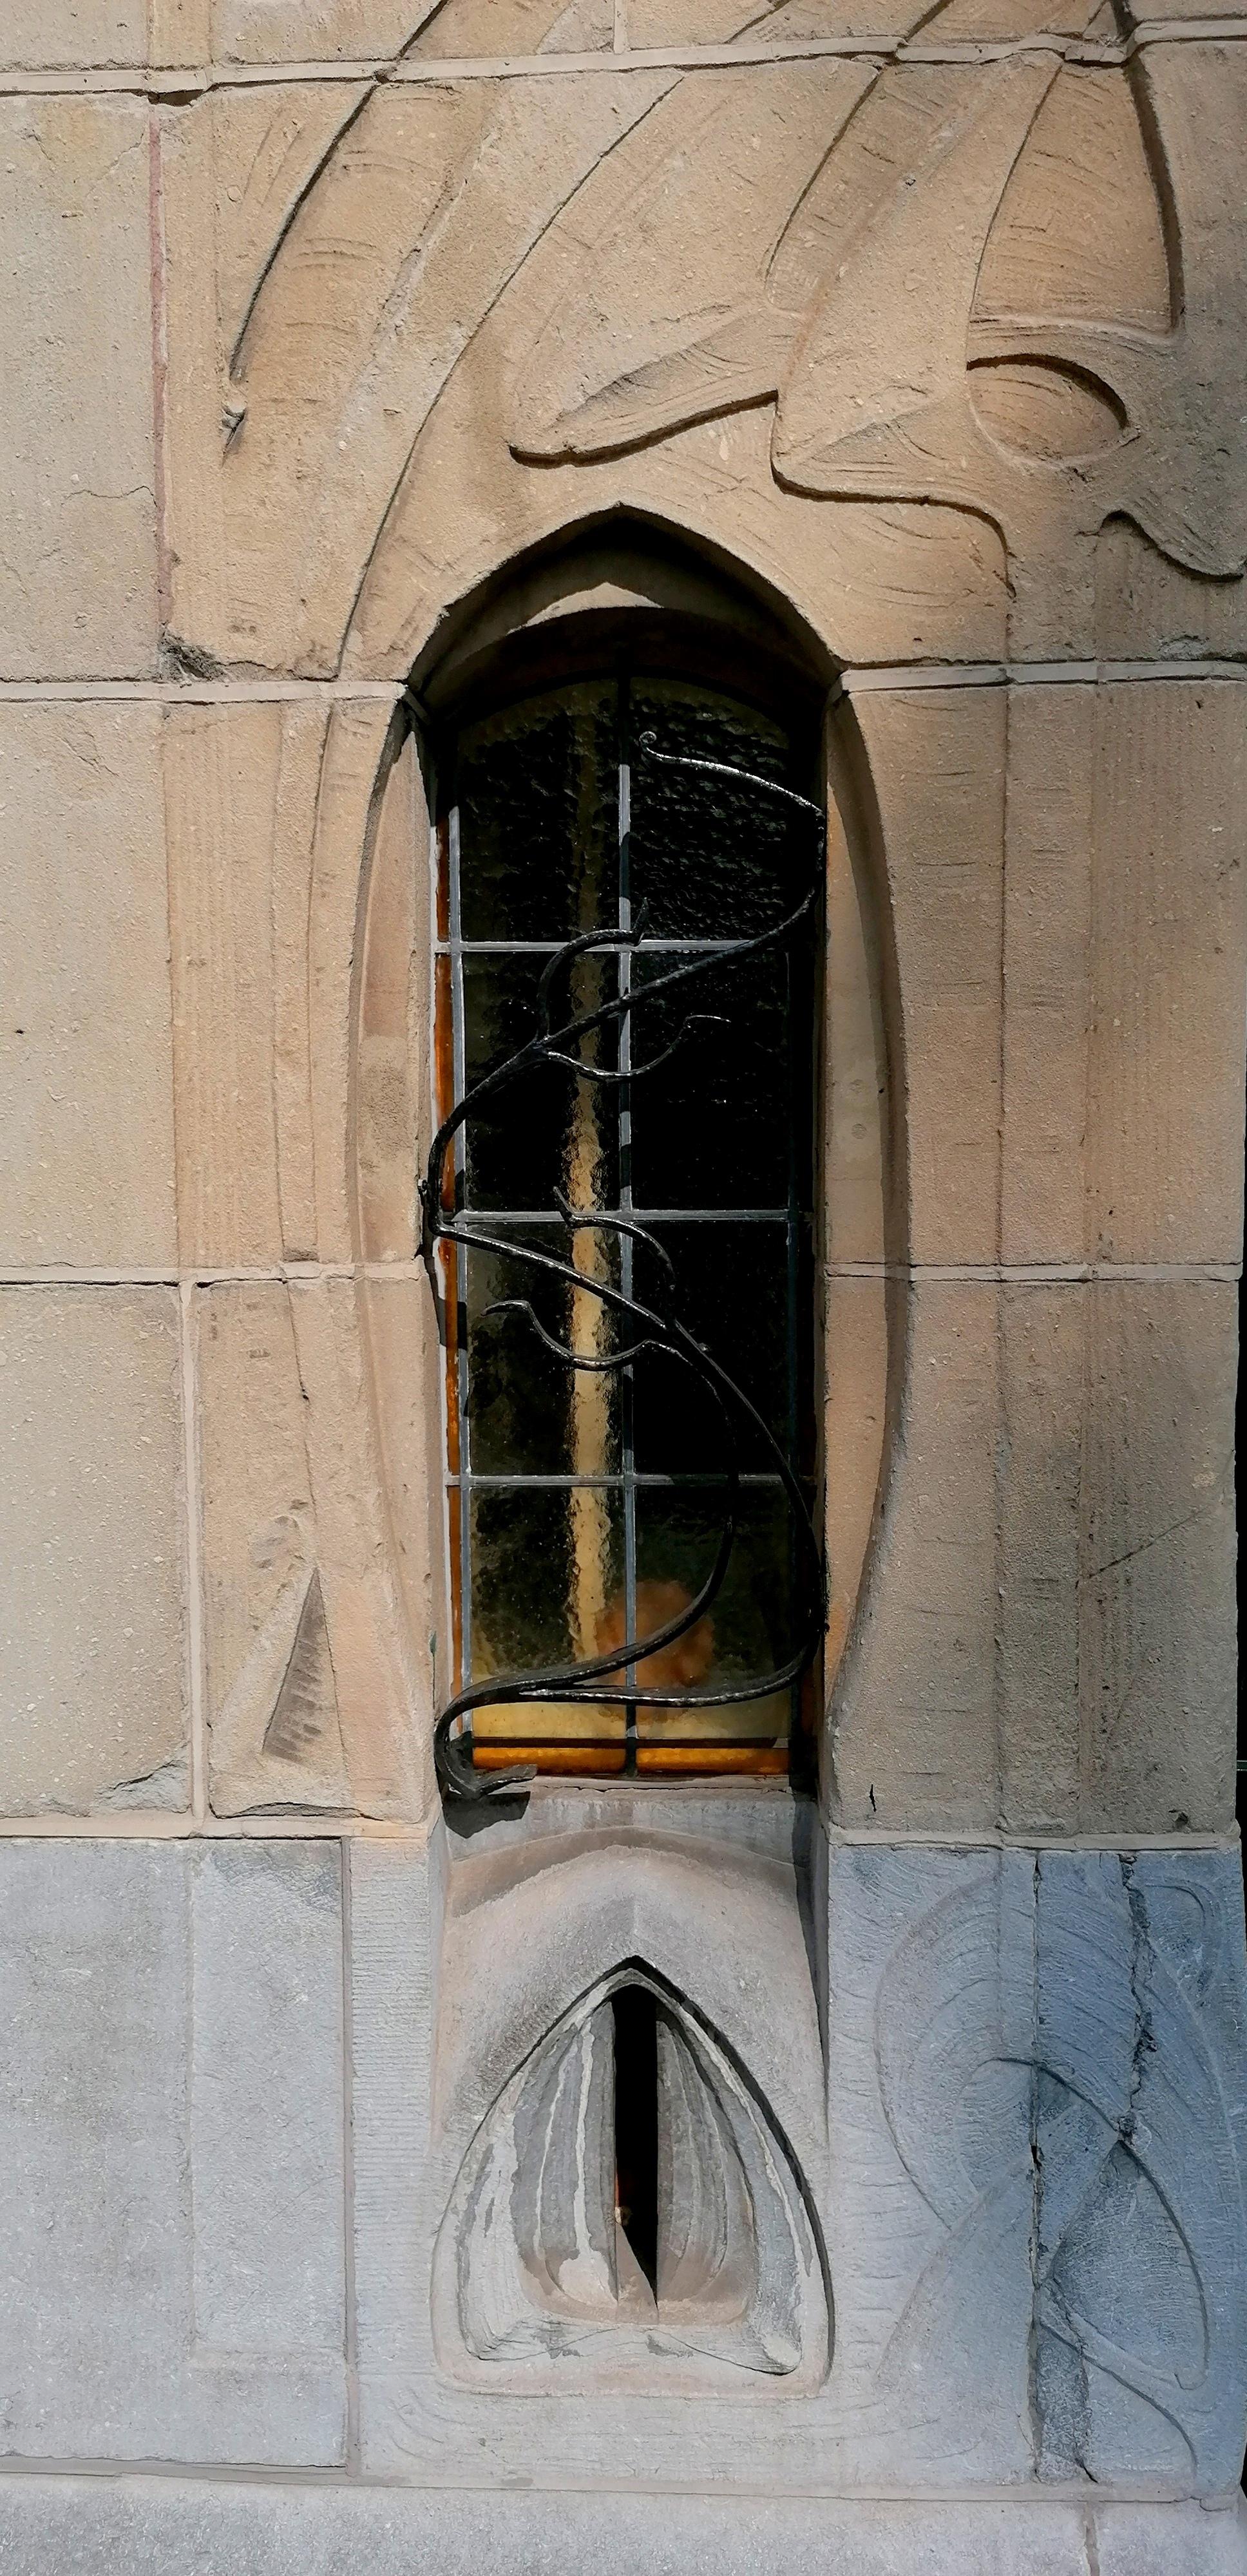 brievenbus en raam naast deur jugendstil art nouveau huis aan Laan van Meerdervoort nr. 215 Den Haag